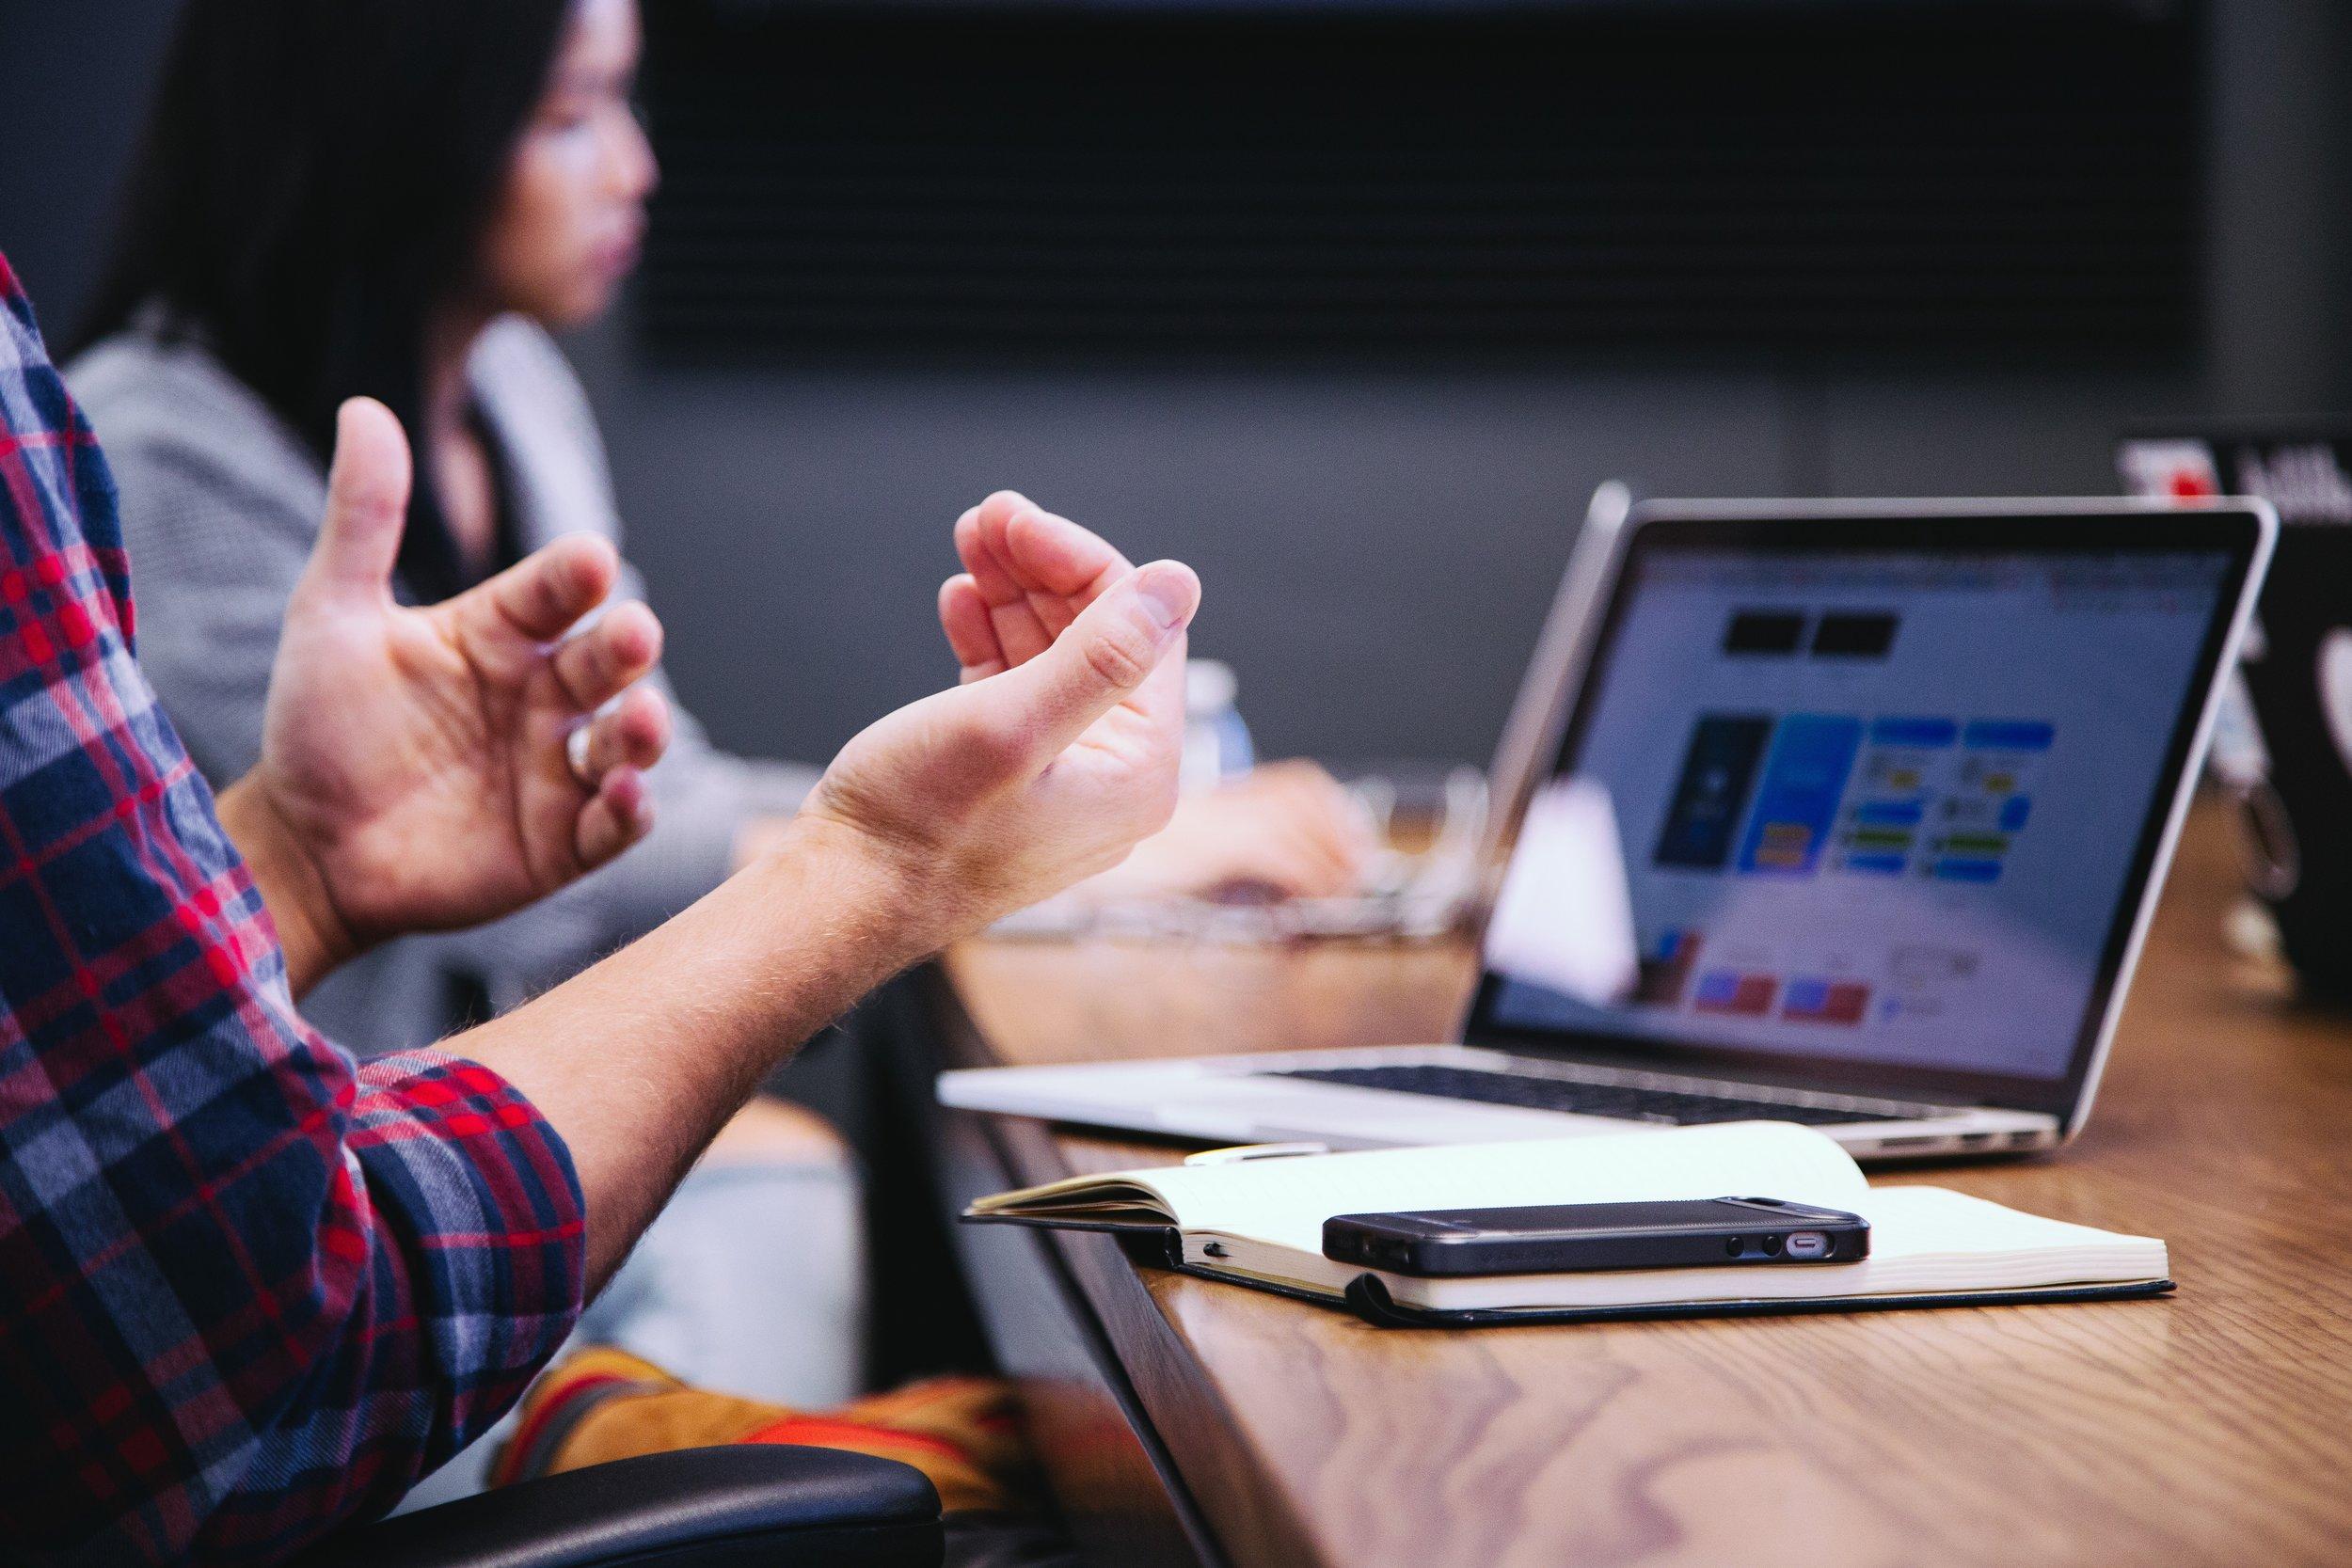 ¿Aún no tienes CONTPAQi®? - Únete a la Transformación Digital y descubre cuál sistema CONTPAQi® se adapta más a las necesidades de tu negocio.